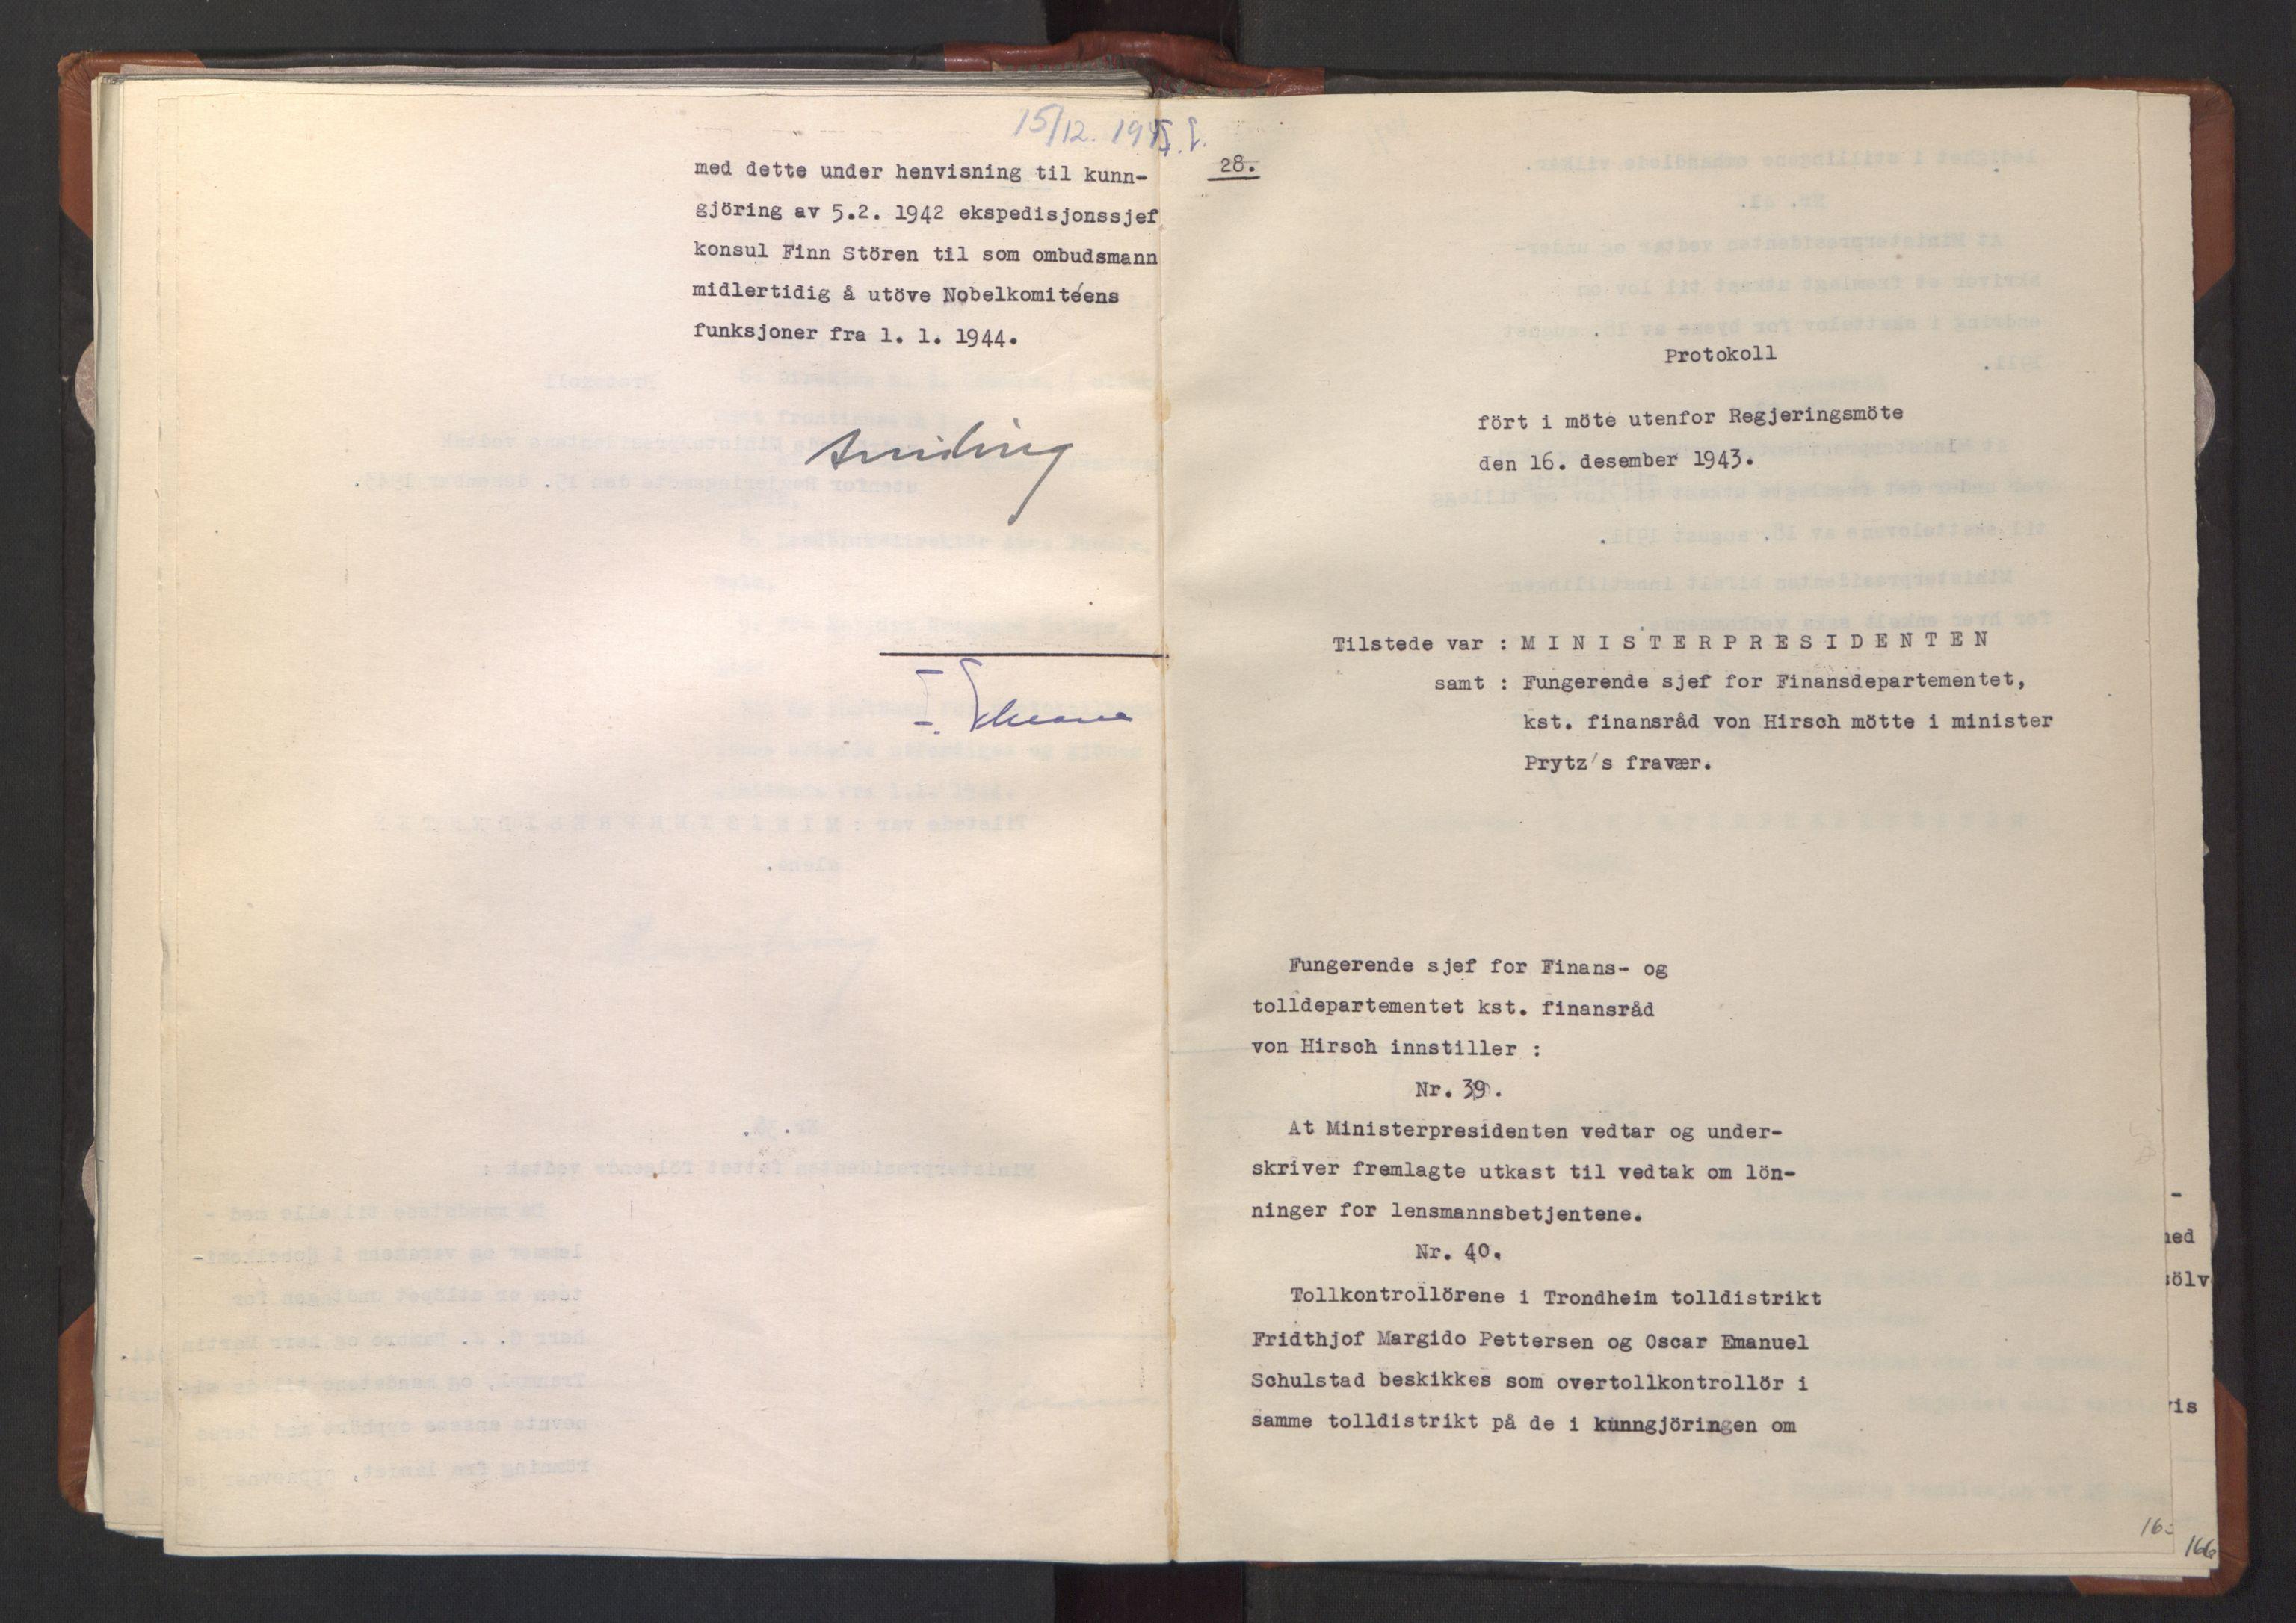 RA, NS-administrasjonen 1940-1945 (Statsrådsekretariatet, de kommisariske statsråder mm), D/Da/L0003: Vedtak (Beslutninger) nr. 1-746 og tillegg nr. 1-47 (RA. j.nr. 1394/1944, tilgangsnr. 8/1944, 1943, s. 164b-165a